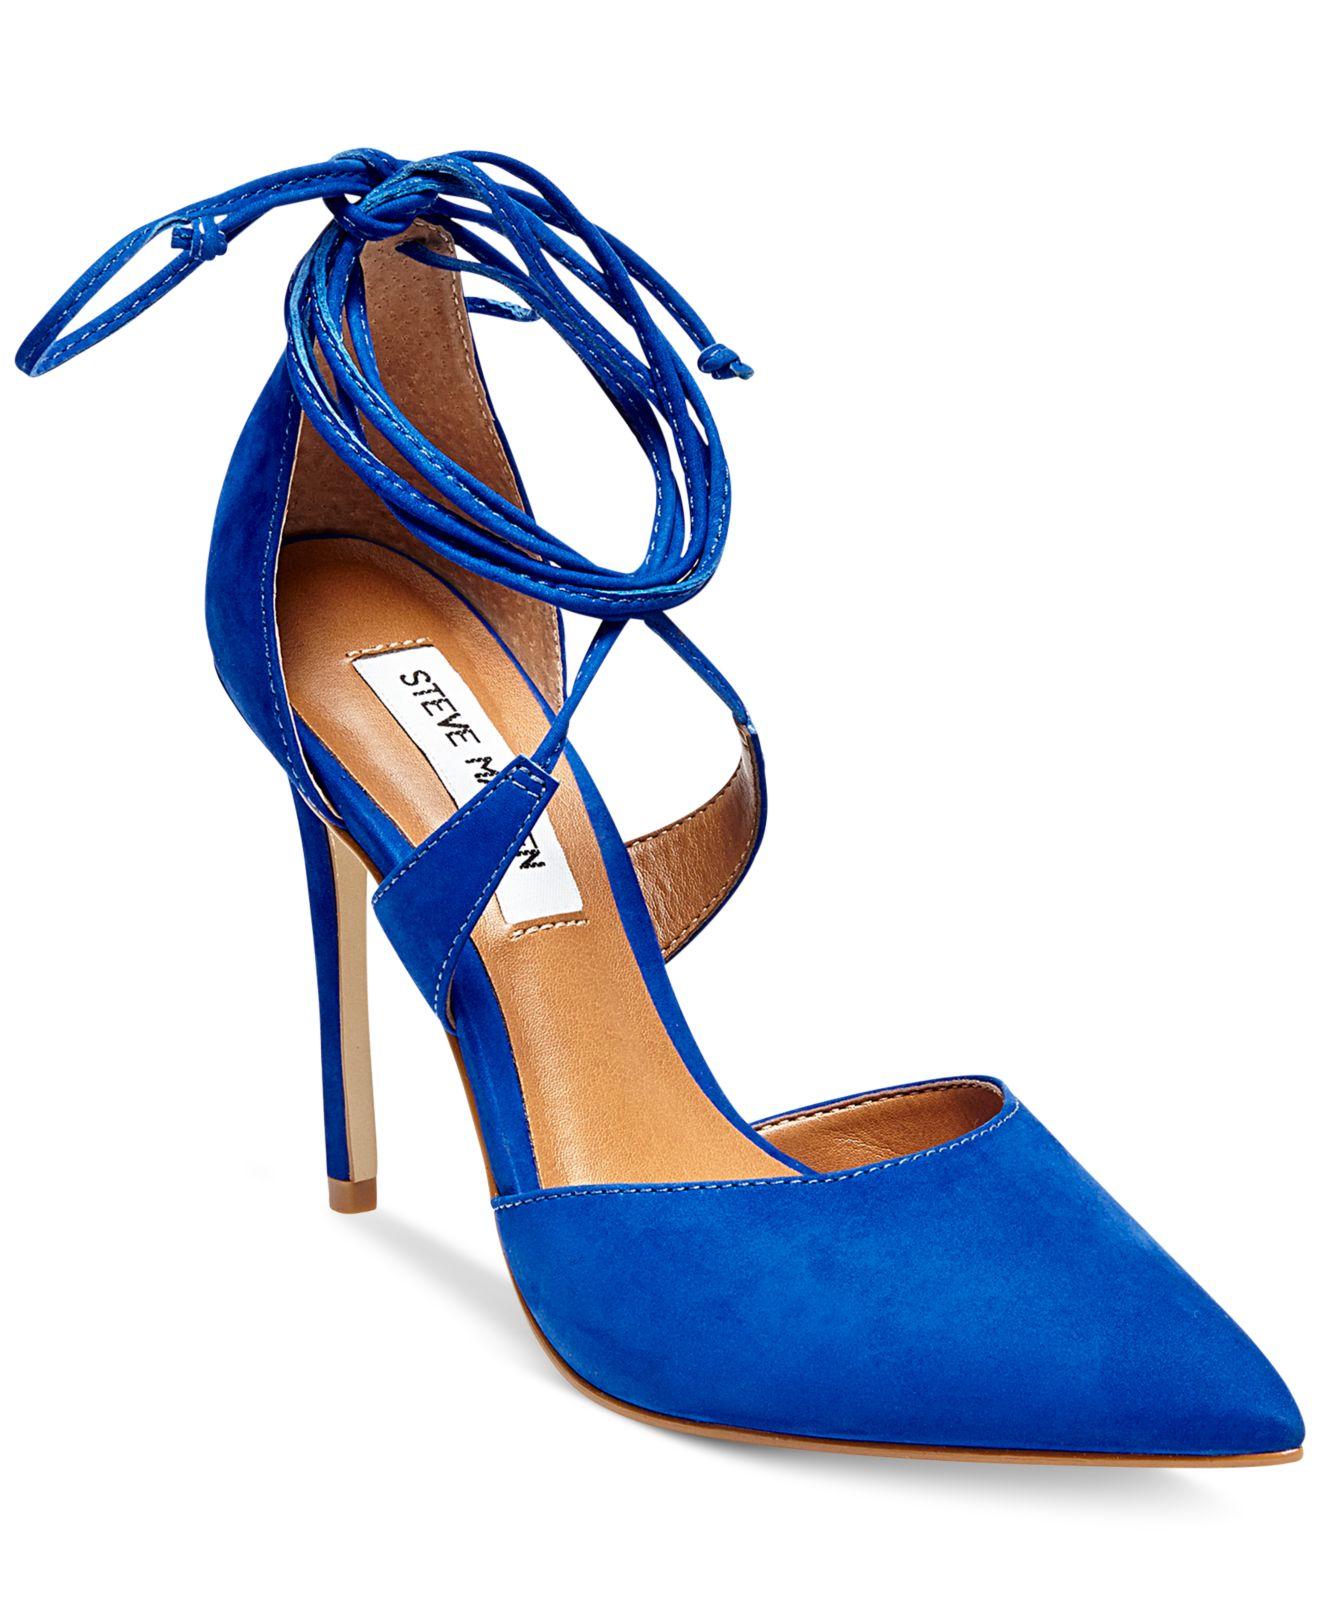 Steve Madden Women S Raela Ankle Wrap Pumps In Blue Lyst